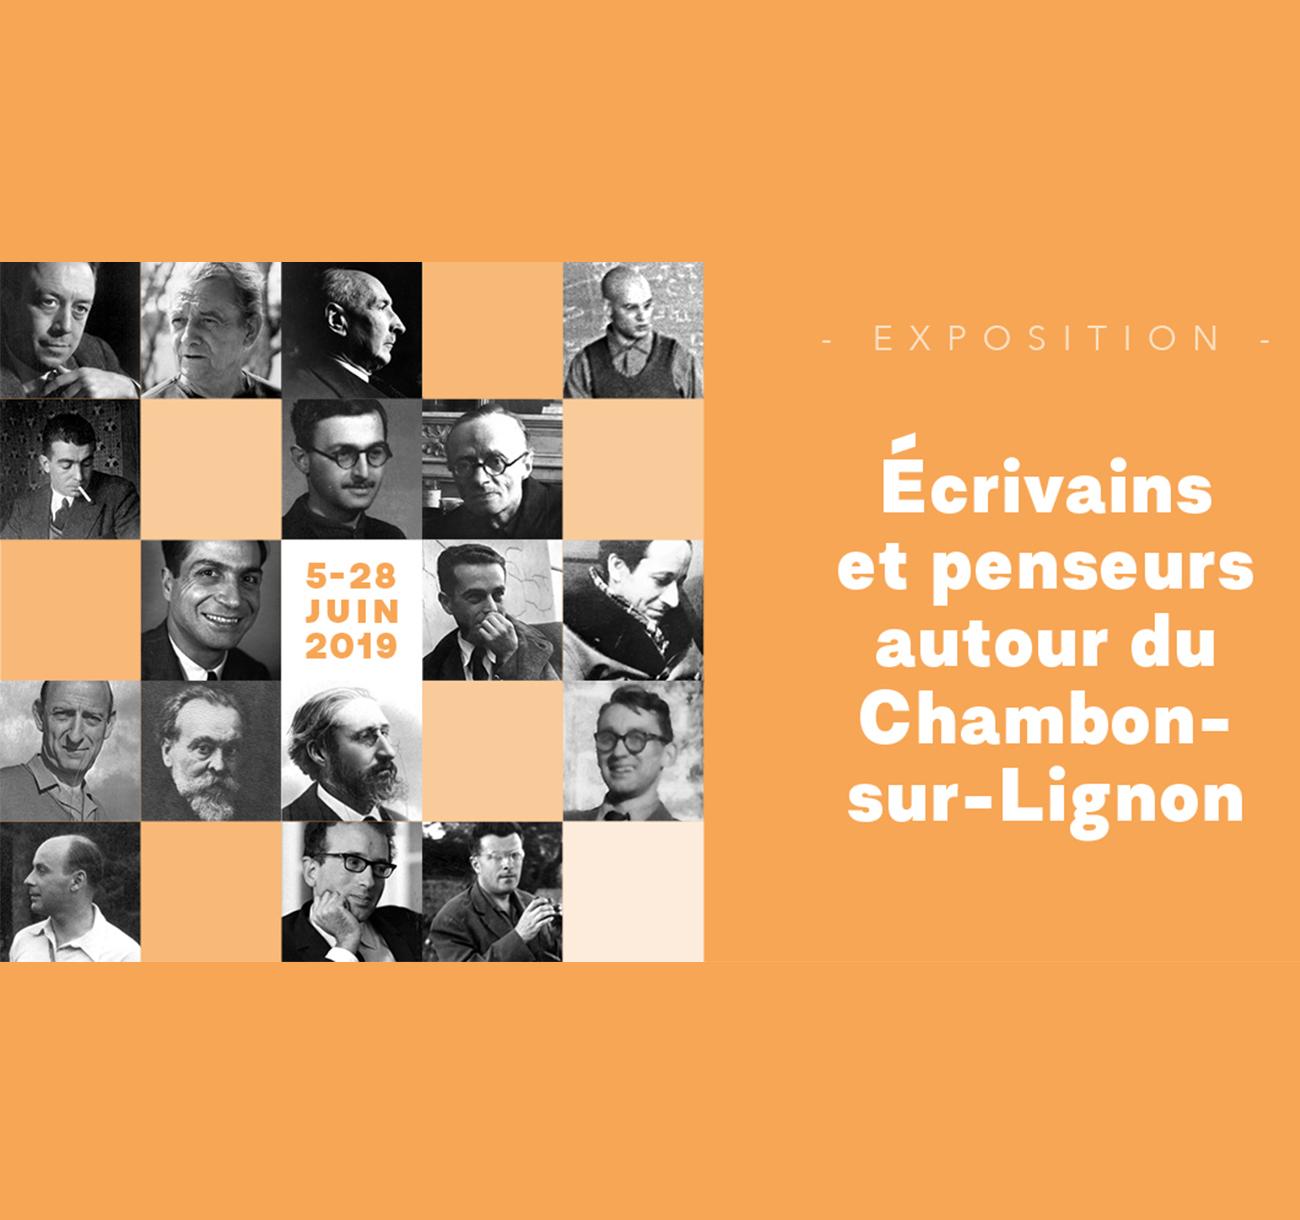 Écrivains et penseurs autour du Chambon-sur-Lignon